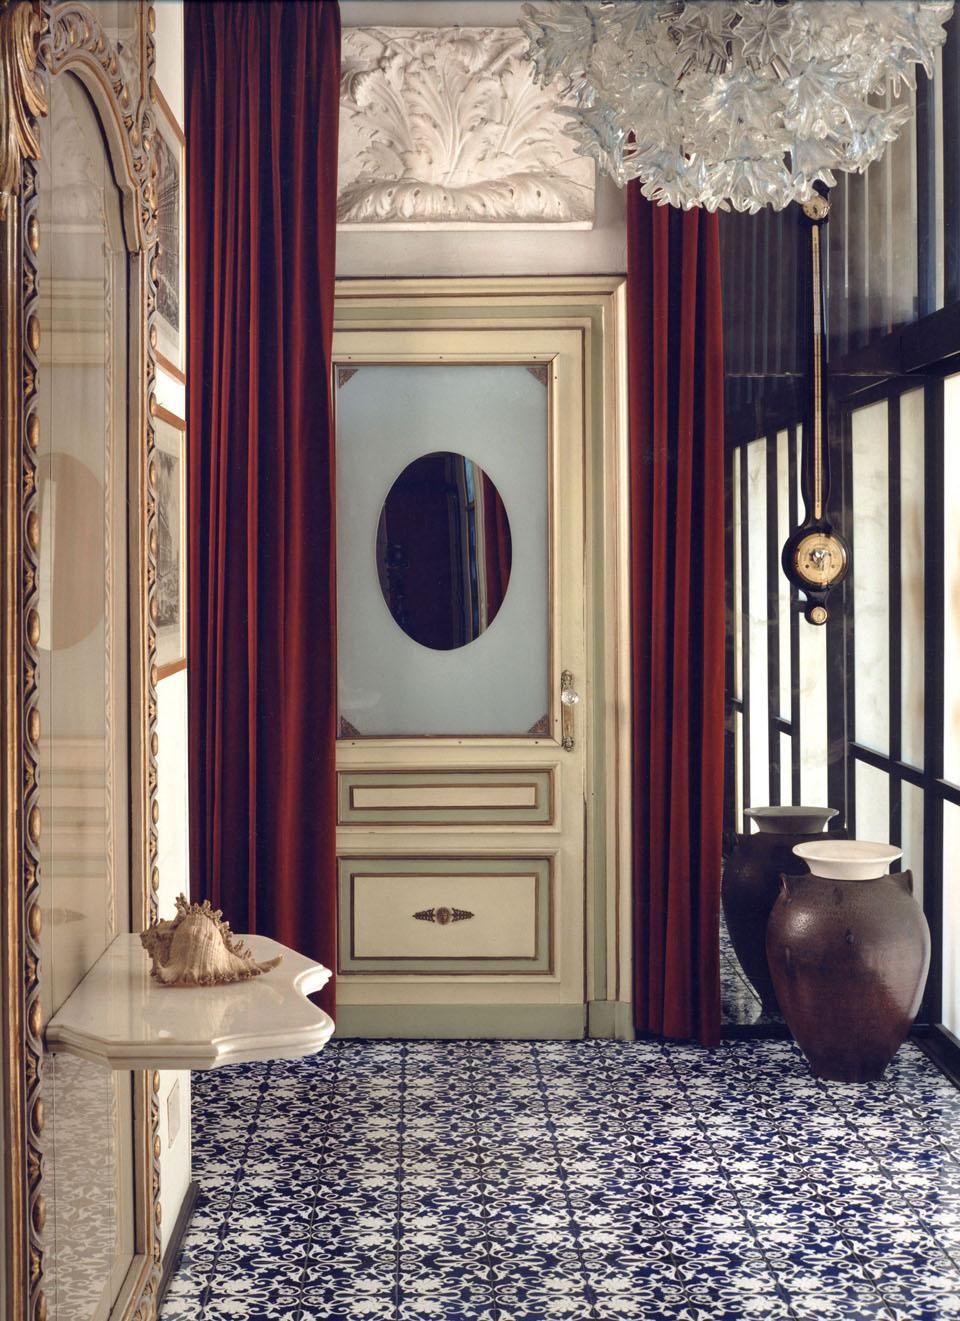 Casa mollino una casa museo a torino pavimento in for Casa design torino